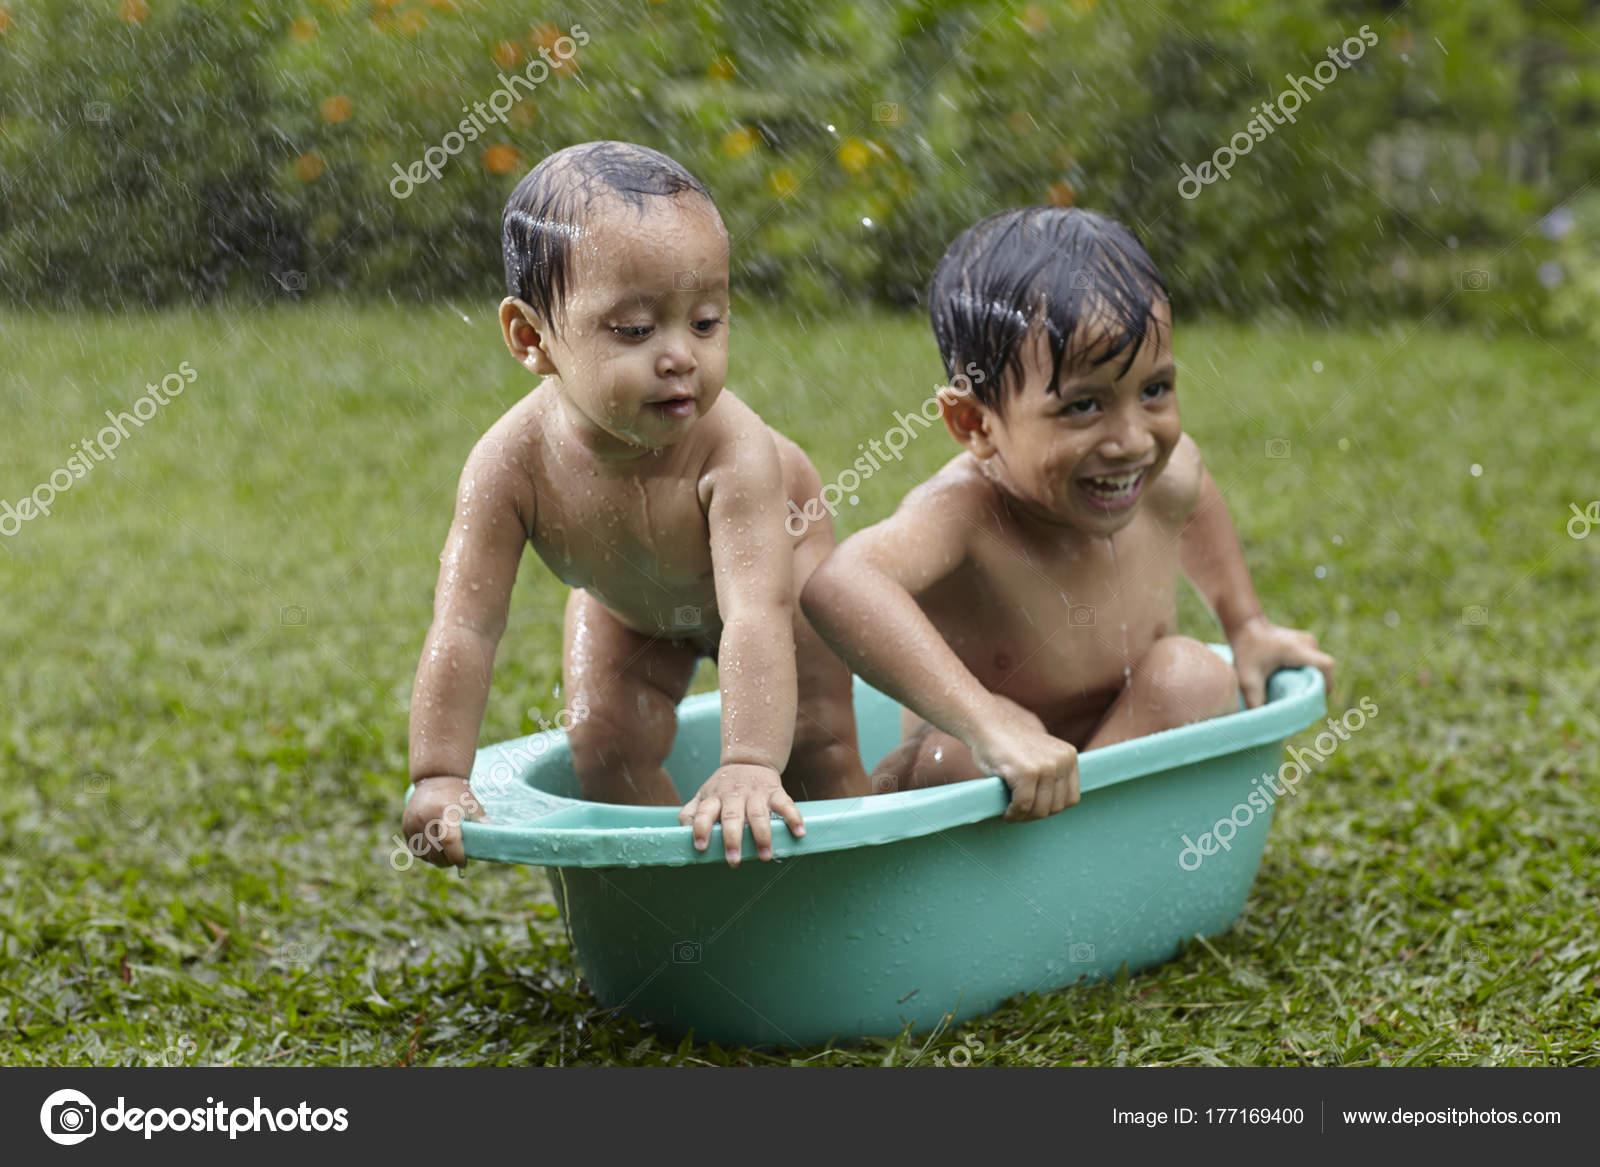 Я была с братом в ванной, В ванне с сестрой- читать бесплатно порно рассказы 19 фотография